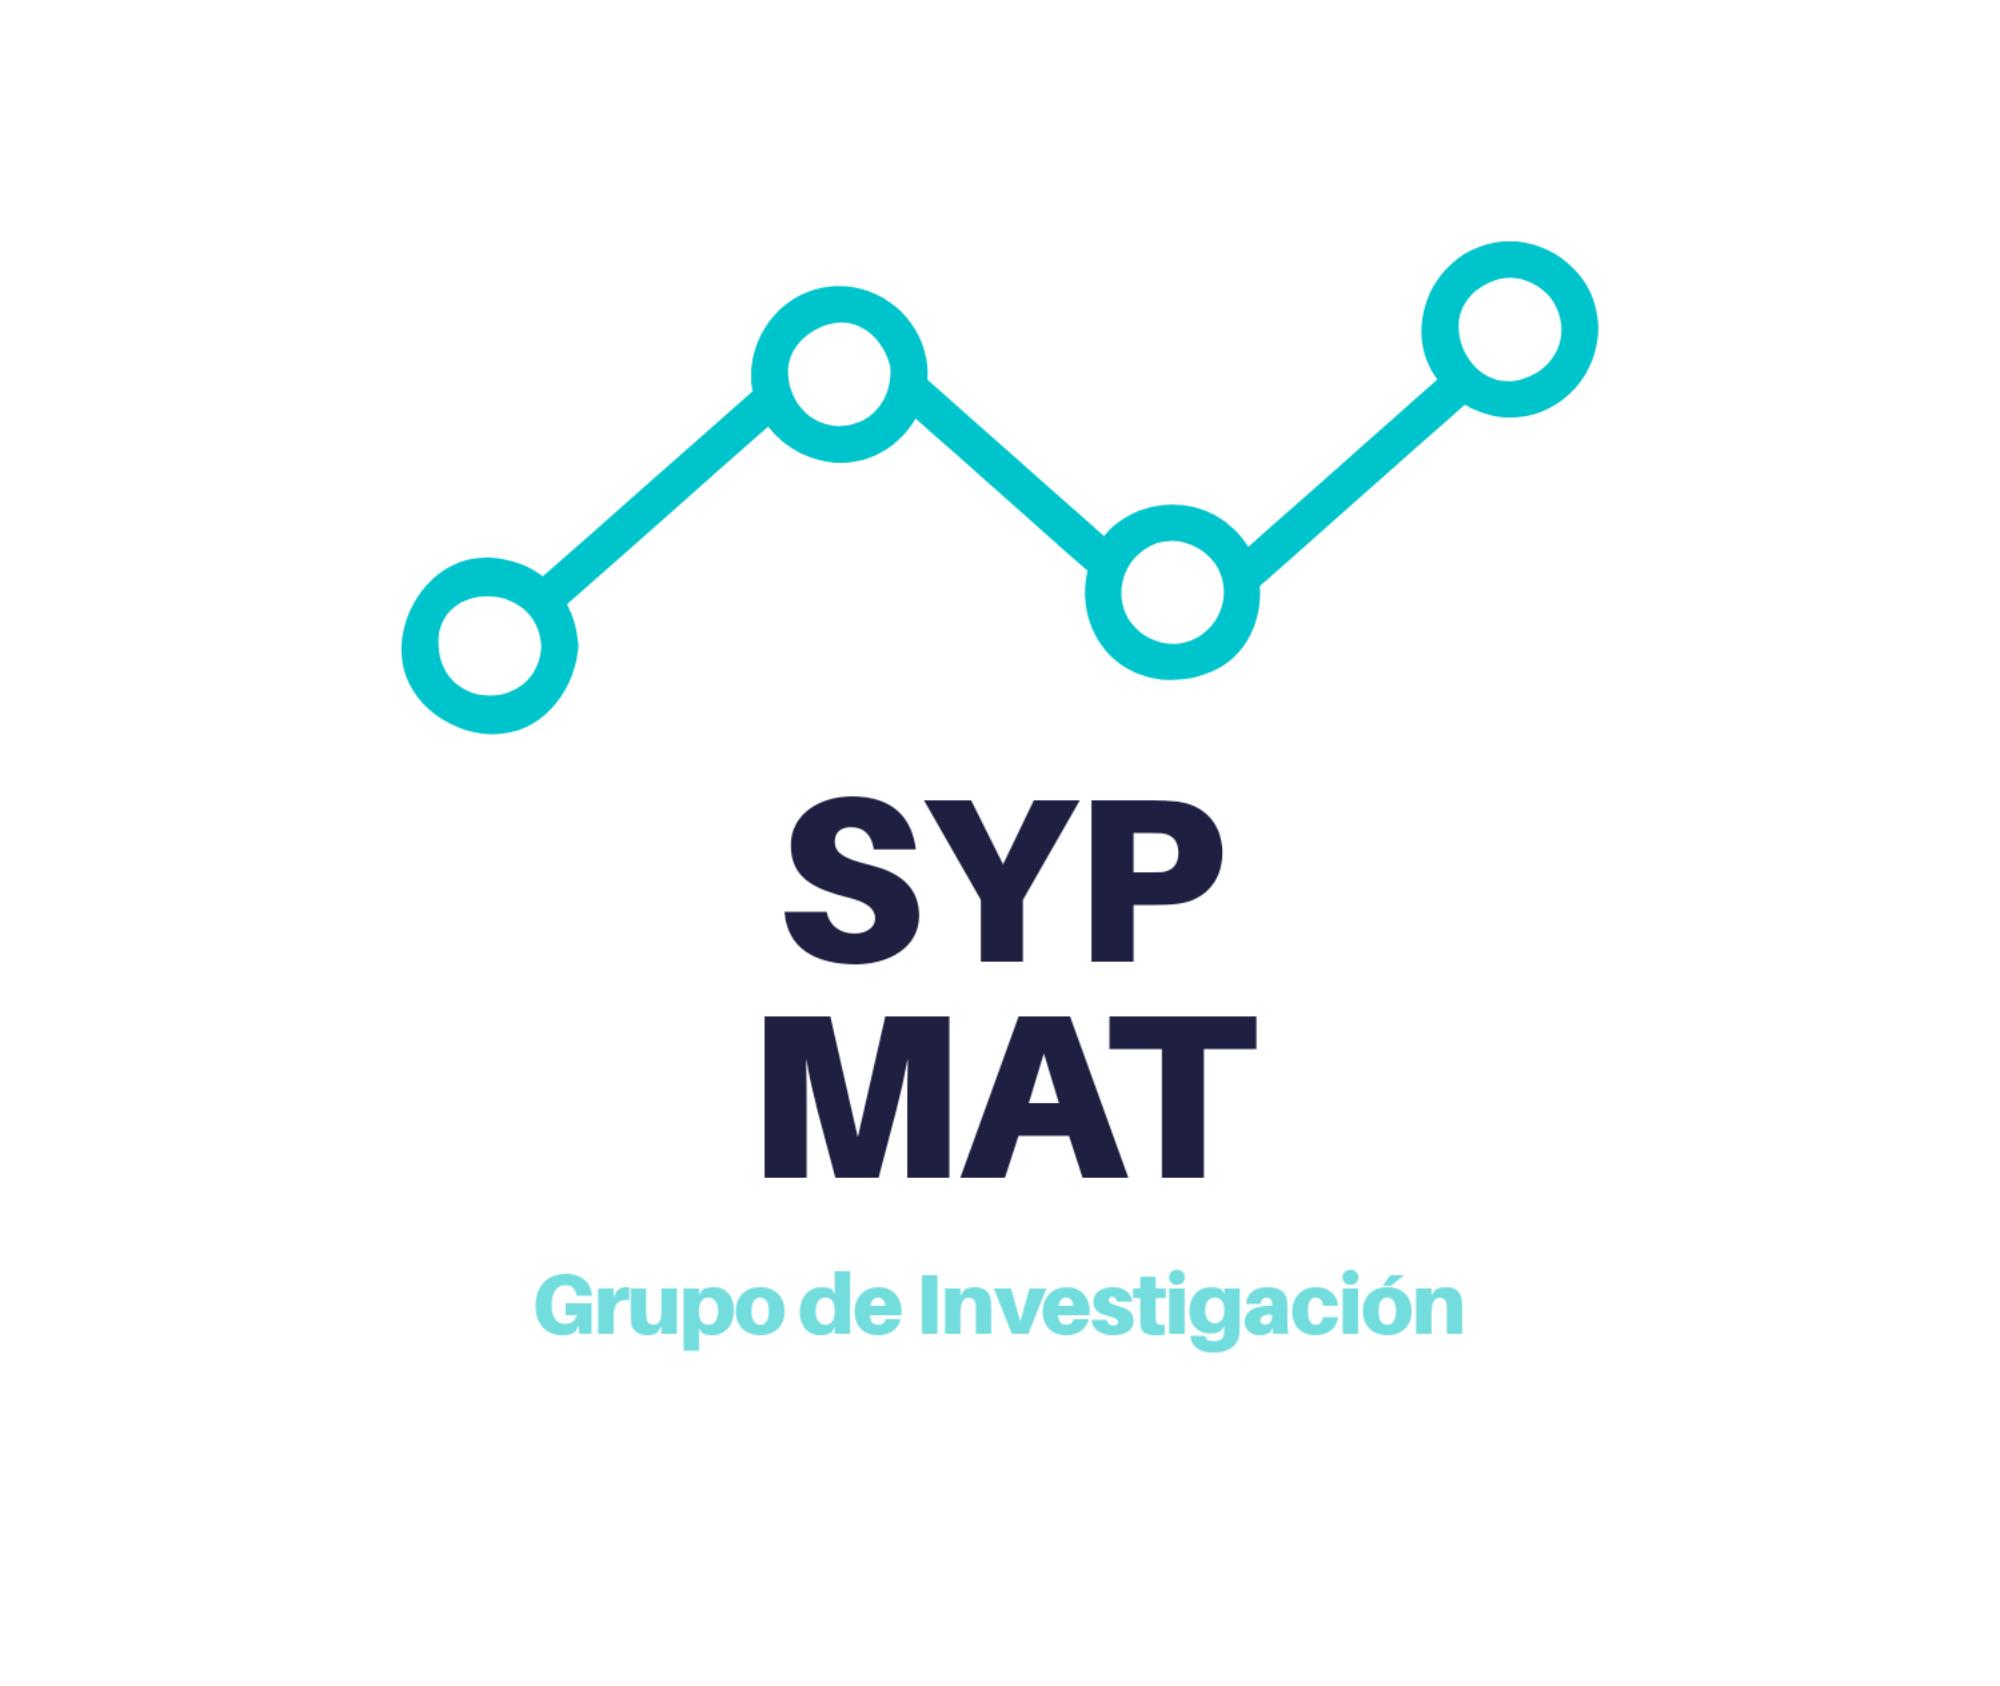 SÍNTESIS Y PROCESADO DE MATERIALES - SYPMAT